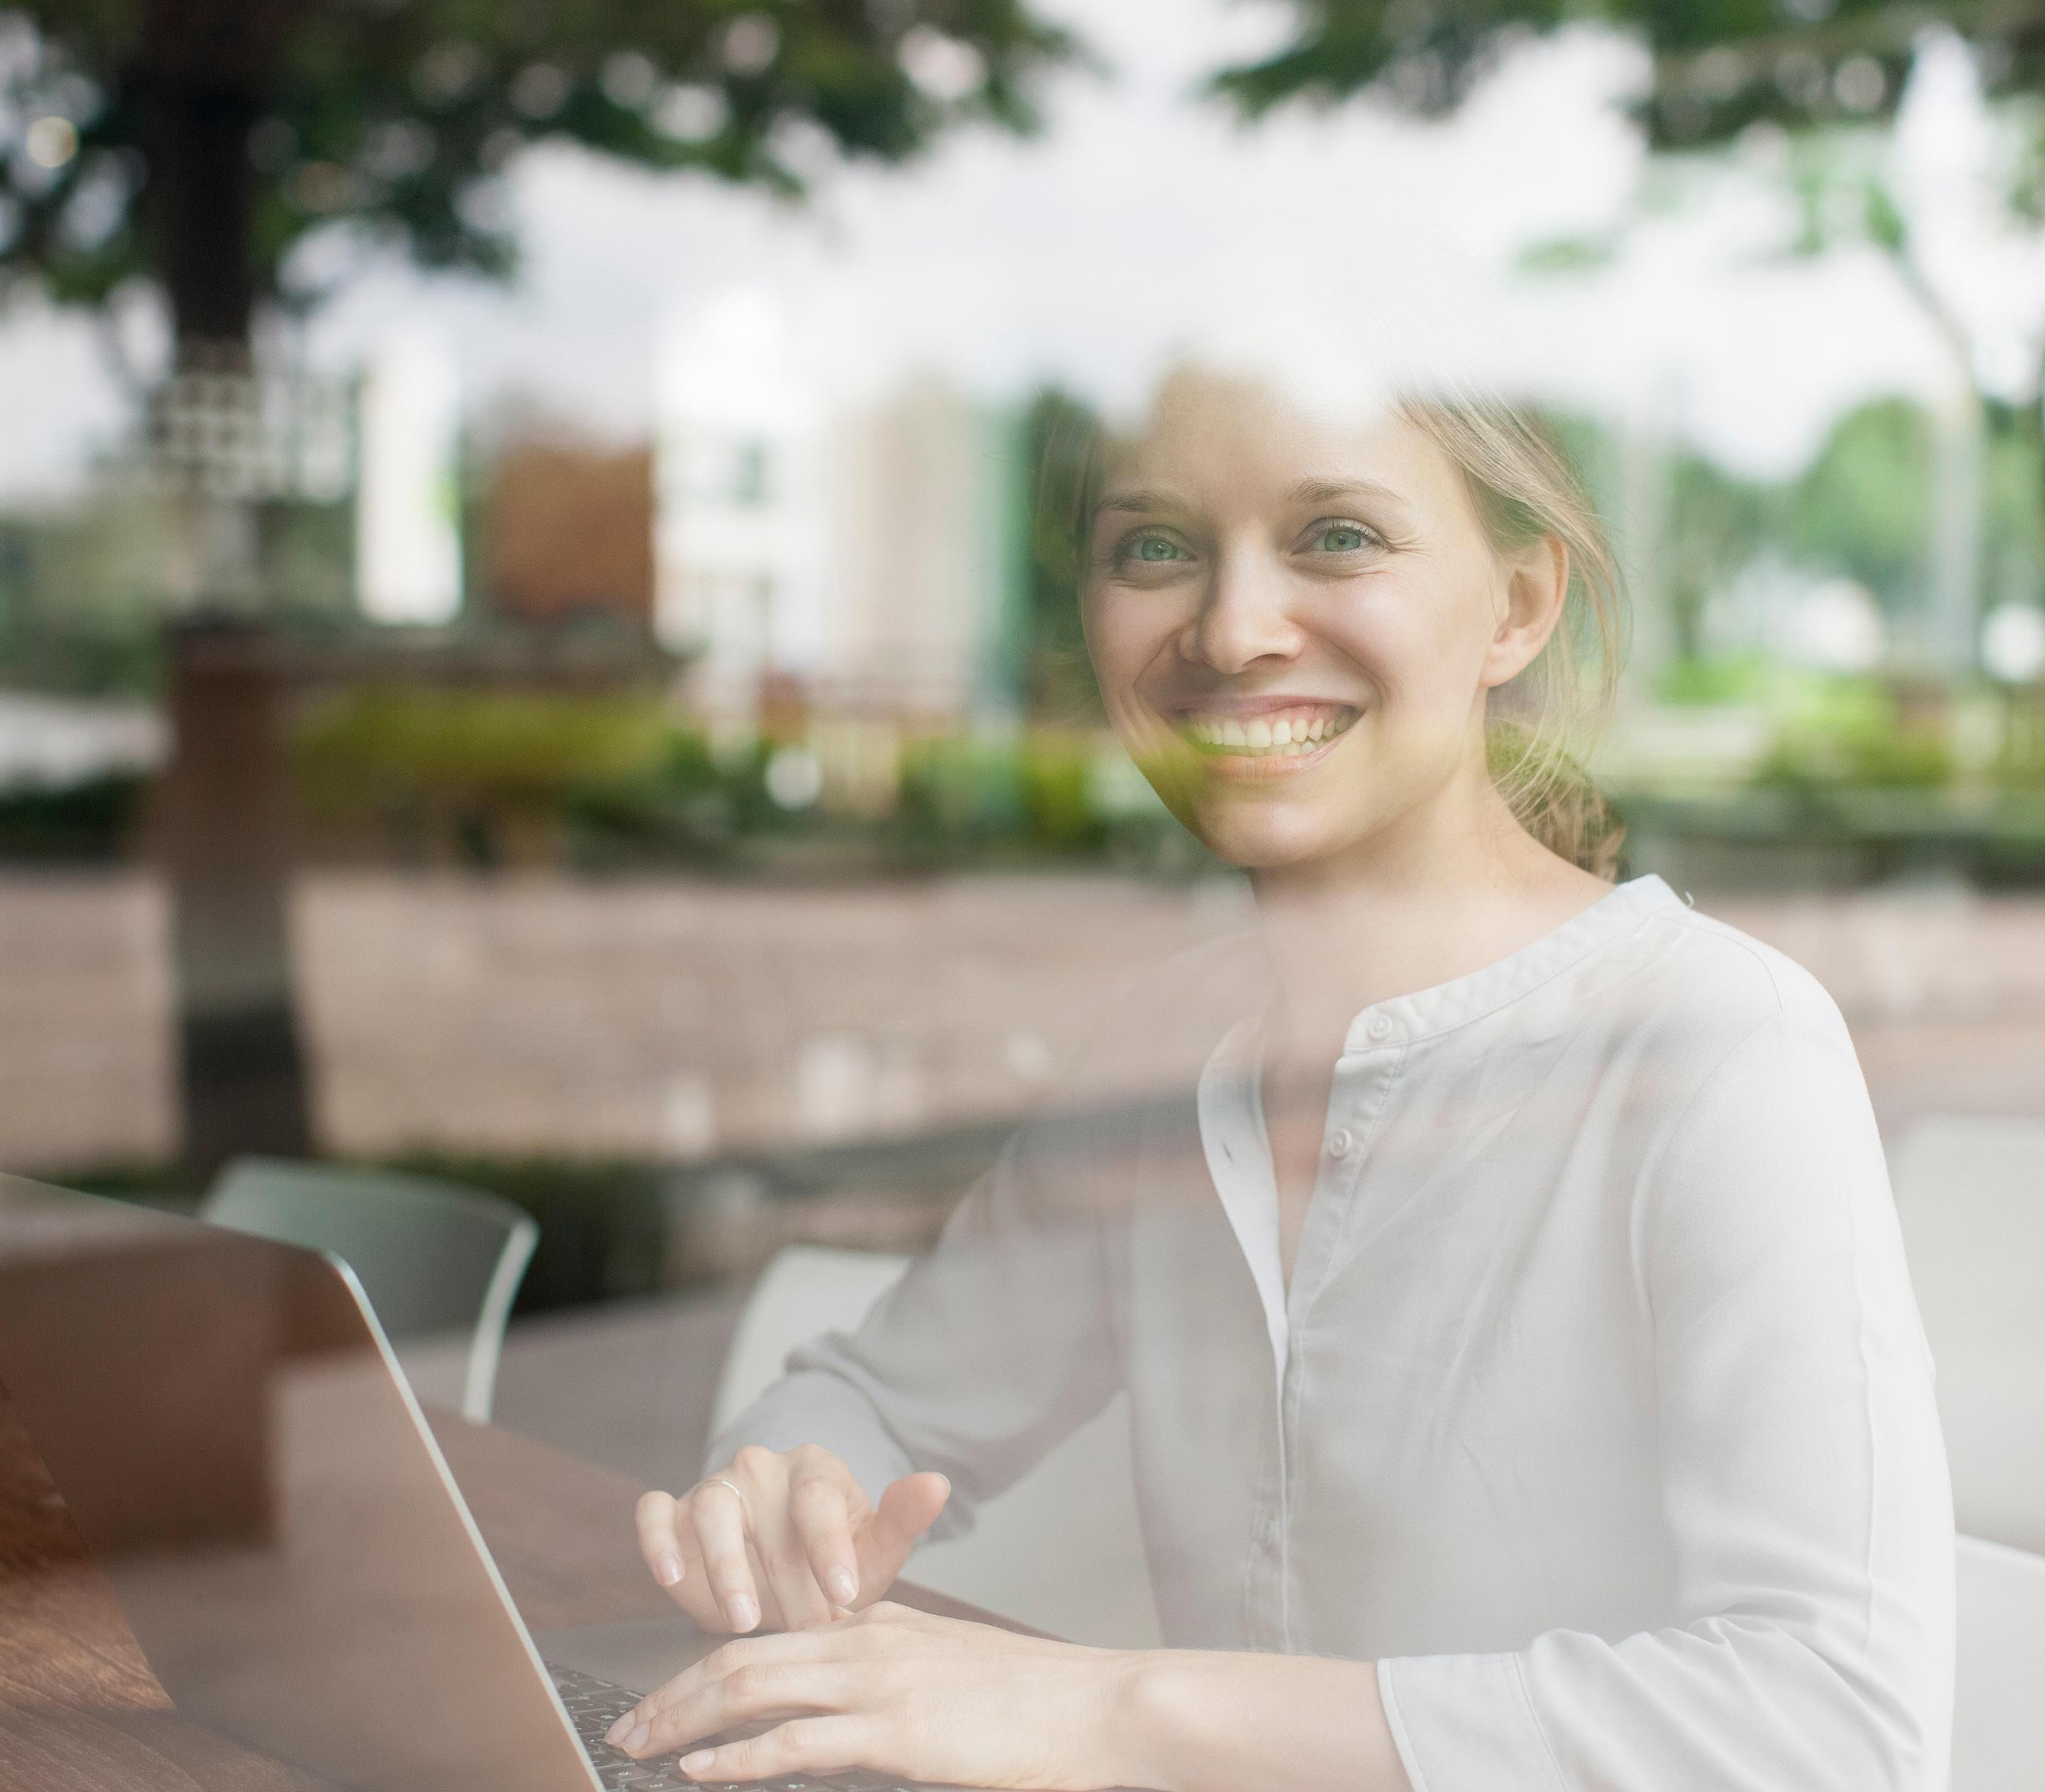 Frau sitzt mit Laptop am Tisch in einem Buerogebaeude